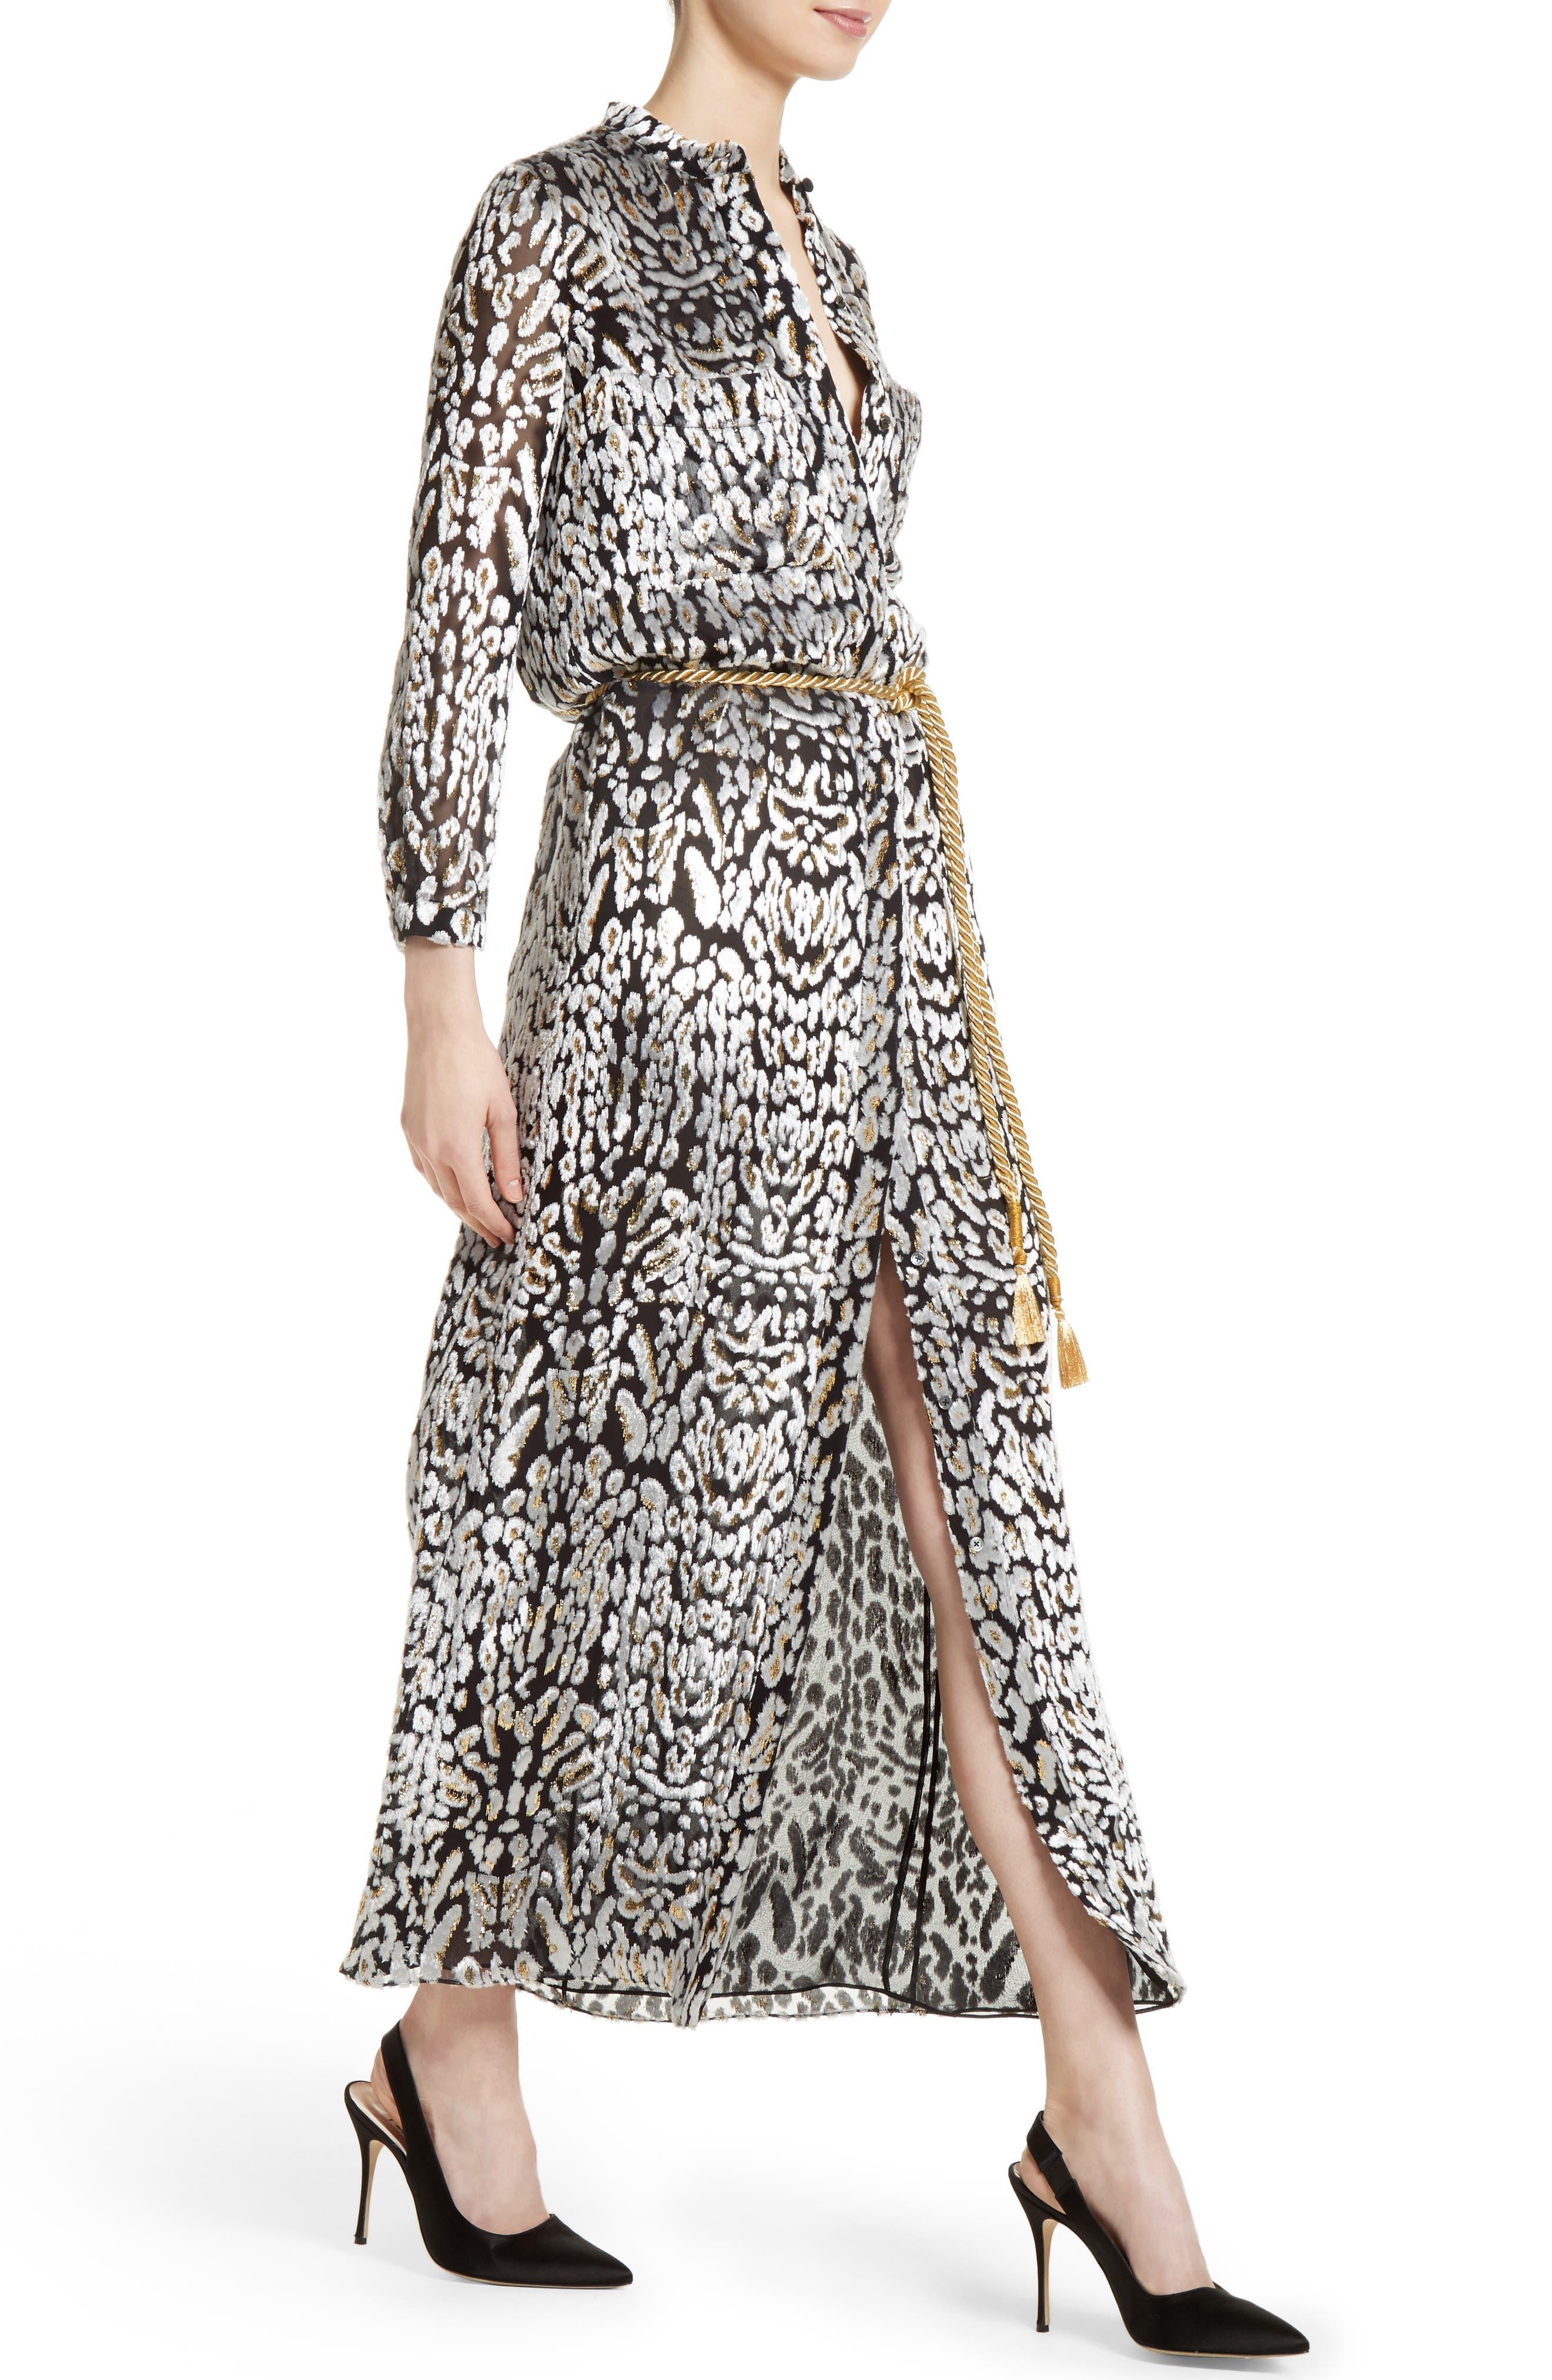 Ocelot Print Velvet Jacquard Dress,                             Alternate thumbnail 4, color,                             001